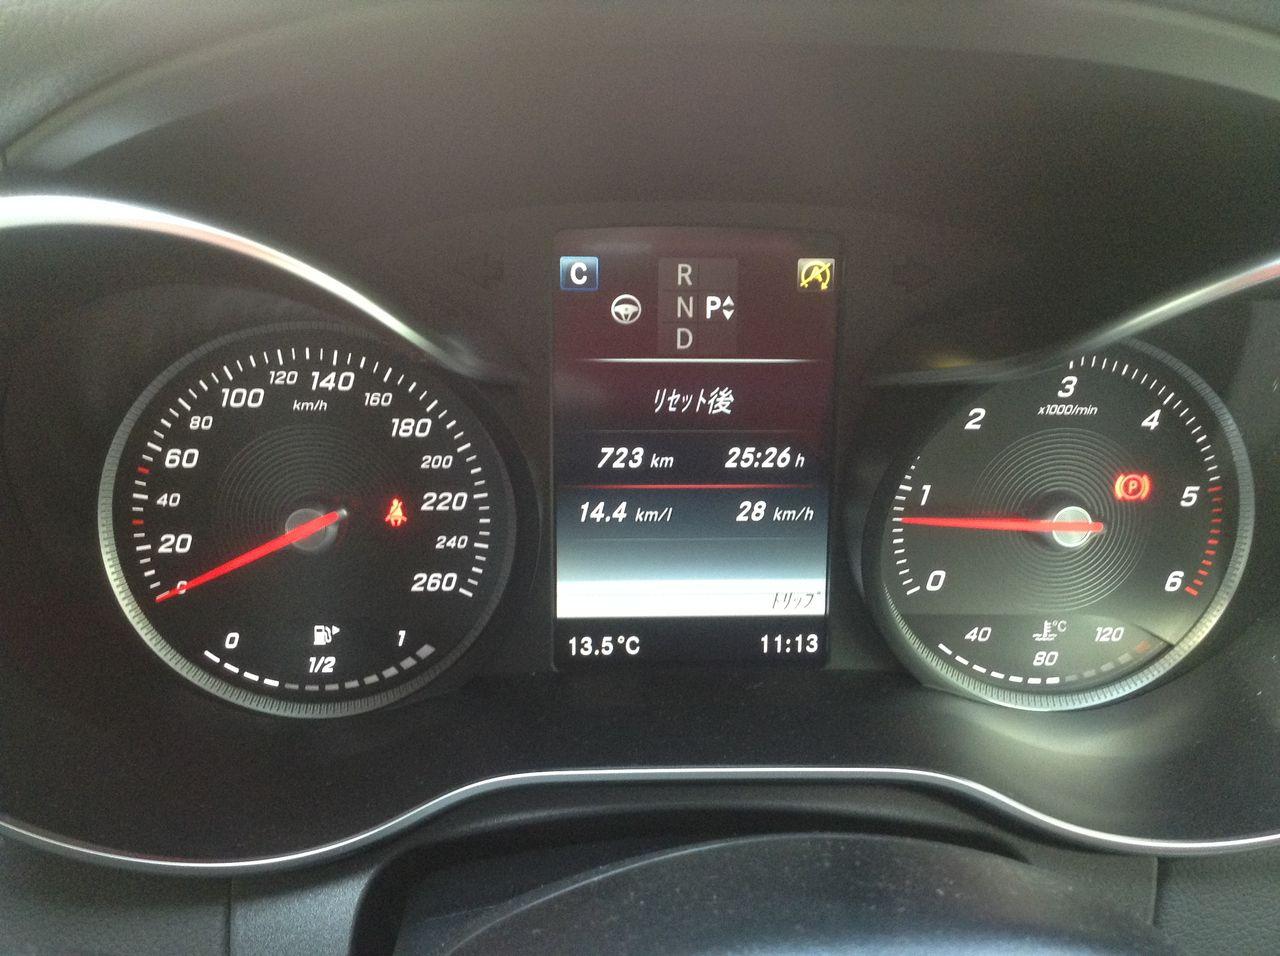 700km走破・・・残りの燃料